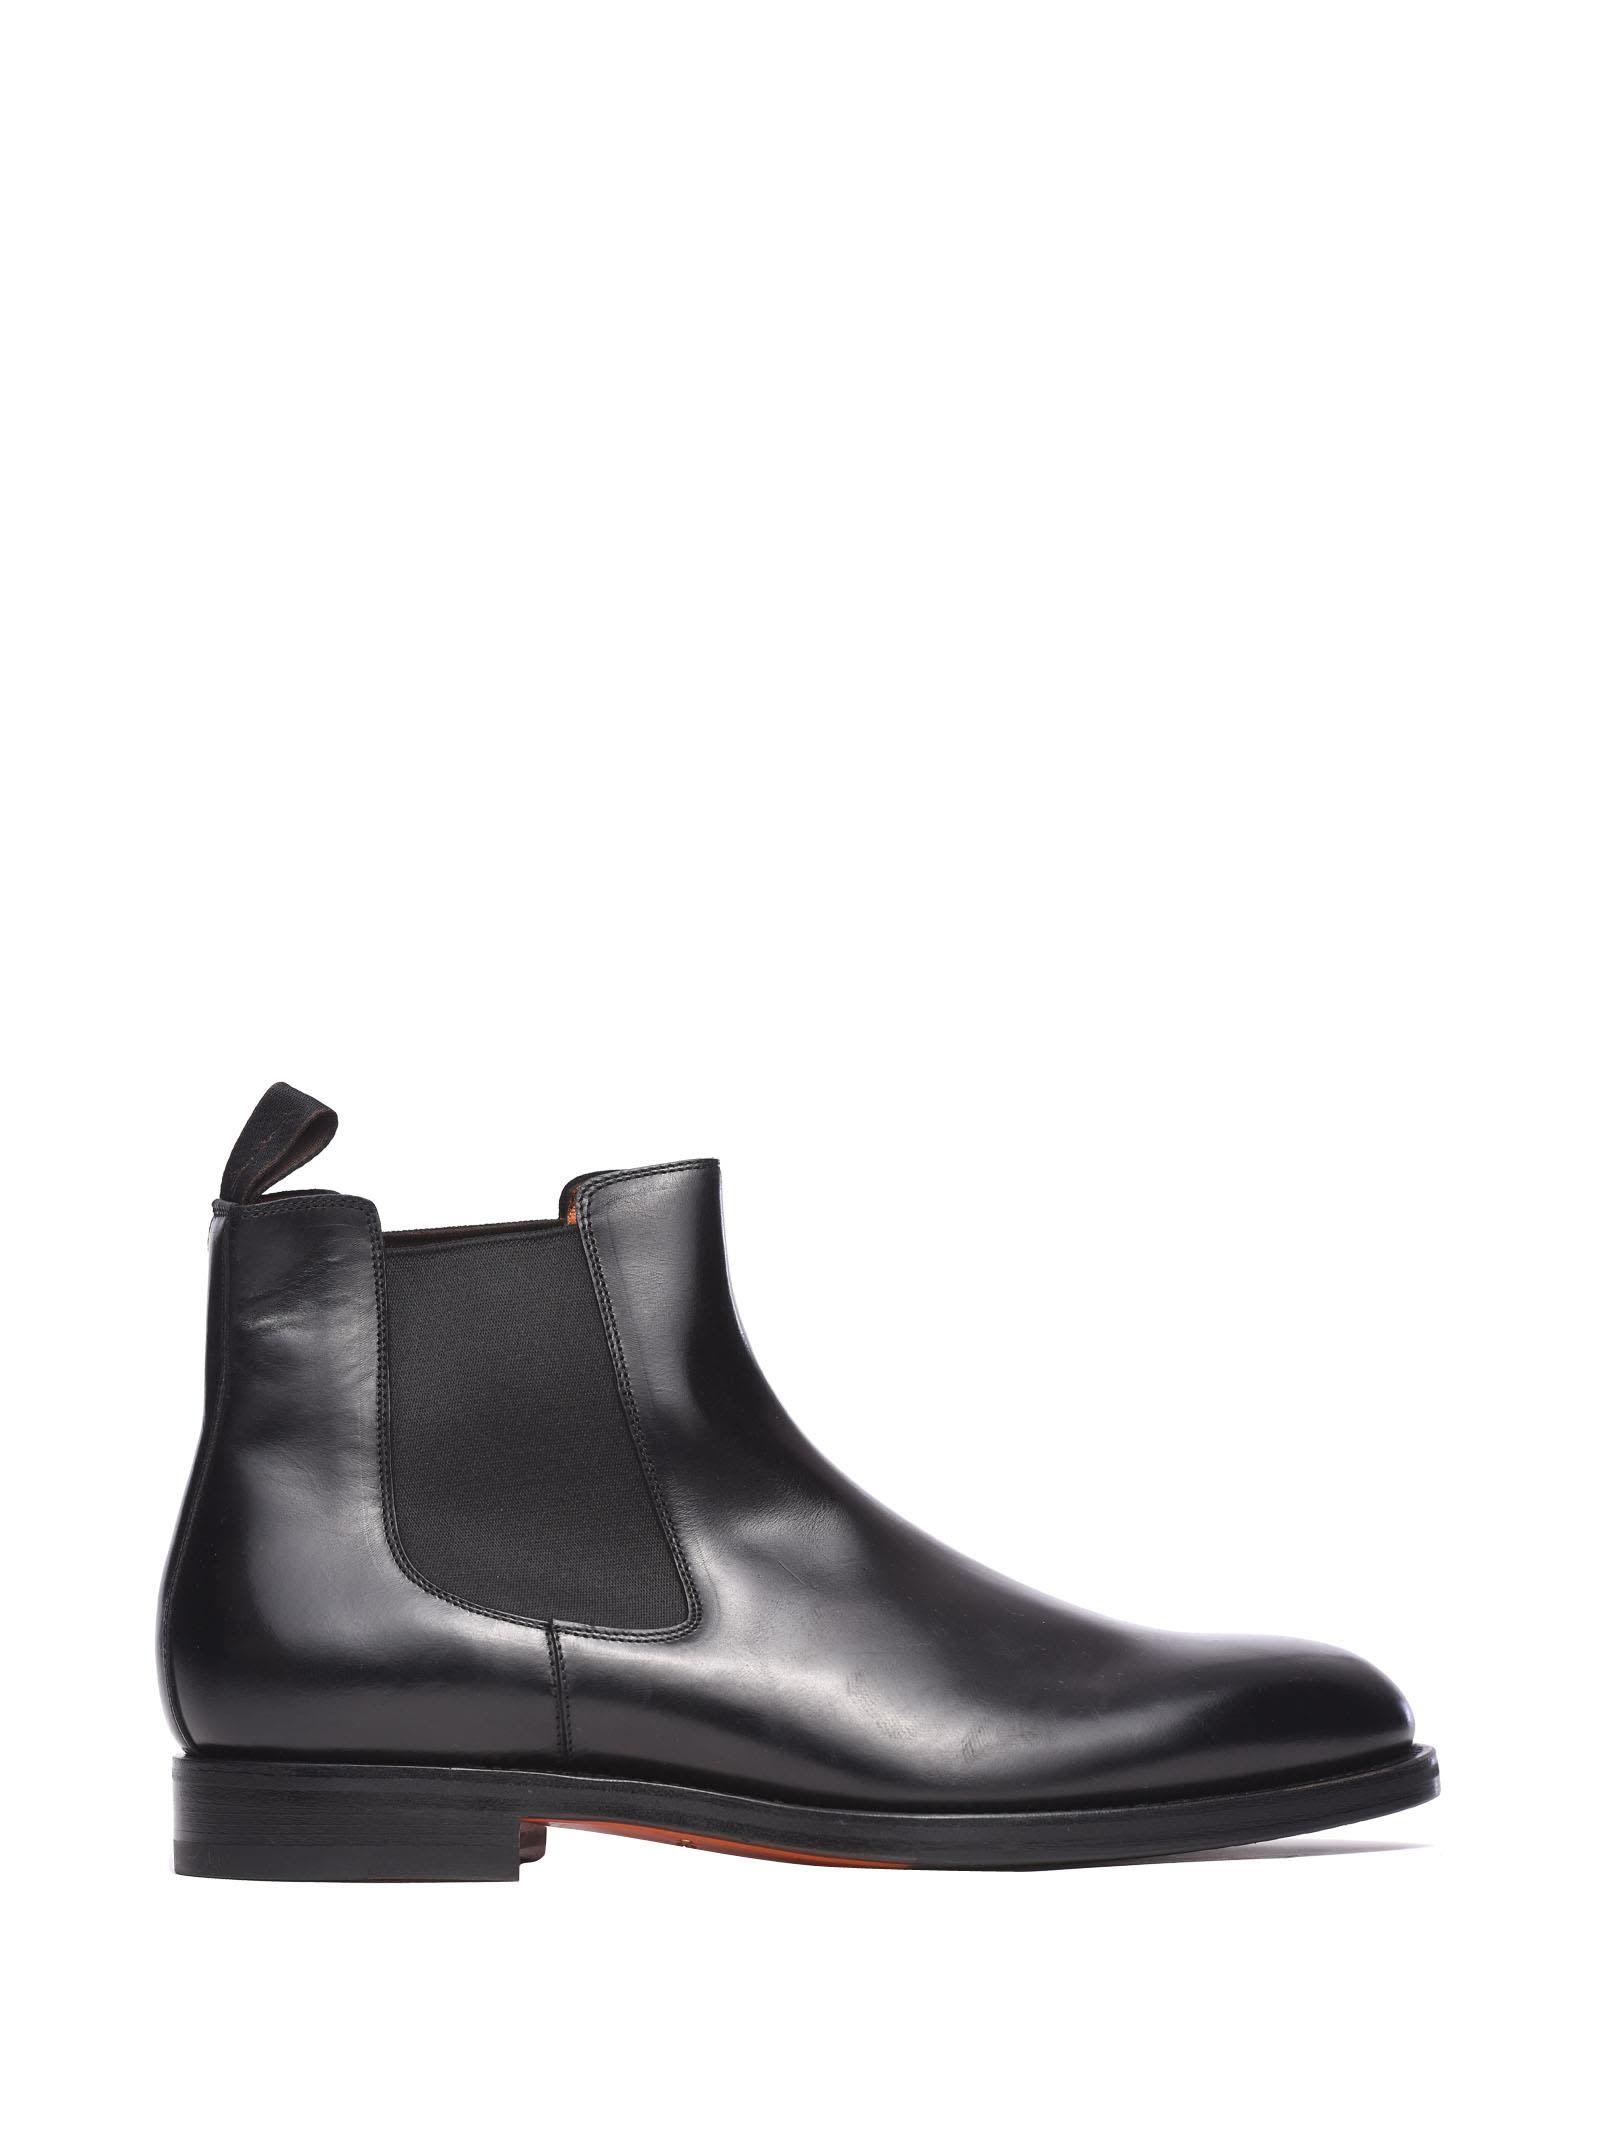 ace20ee8afe SANTONI BEATLES ANKLE BOOTS.  santoni  shoes